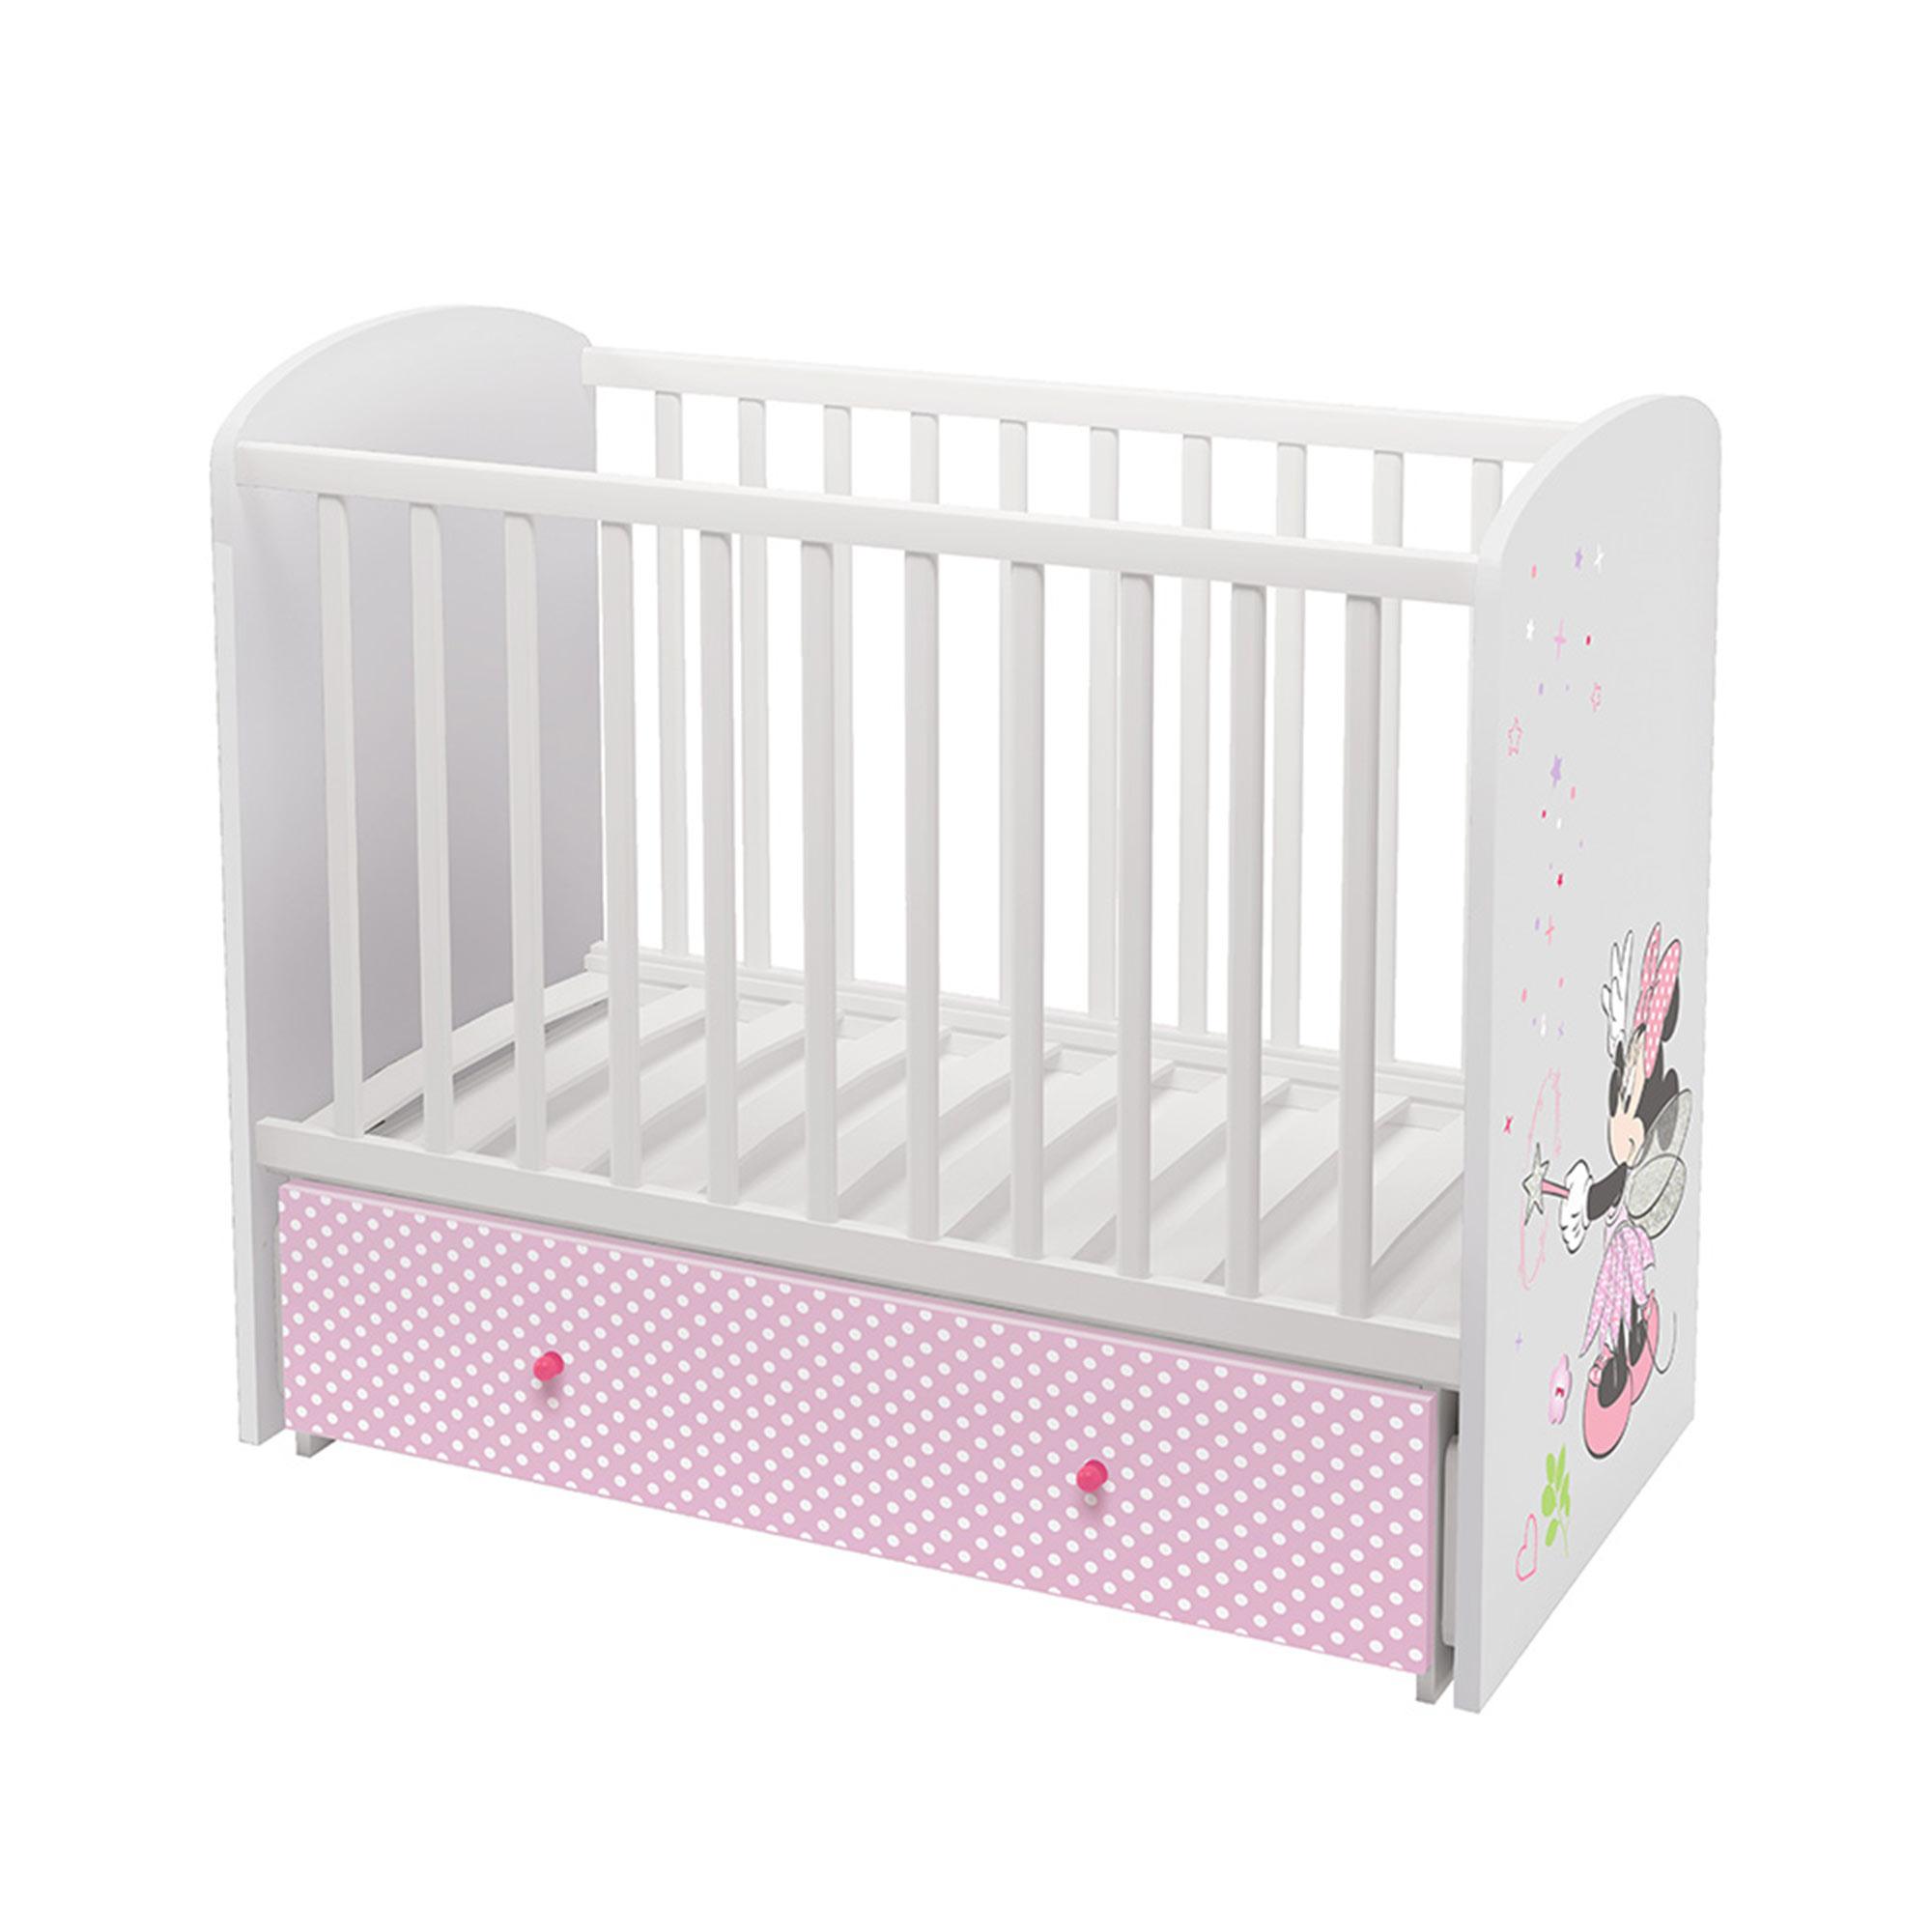 Кроватка детская Polini kids Disney baby 750 Минни Маус-Фея, белый-розовый 120х60